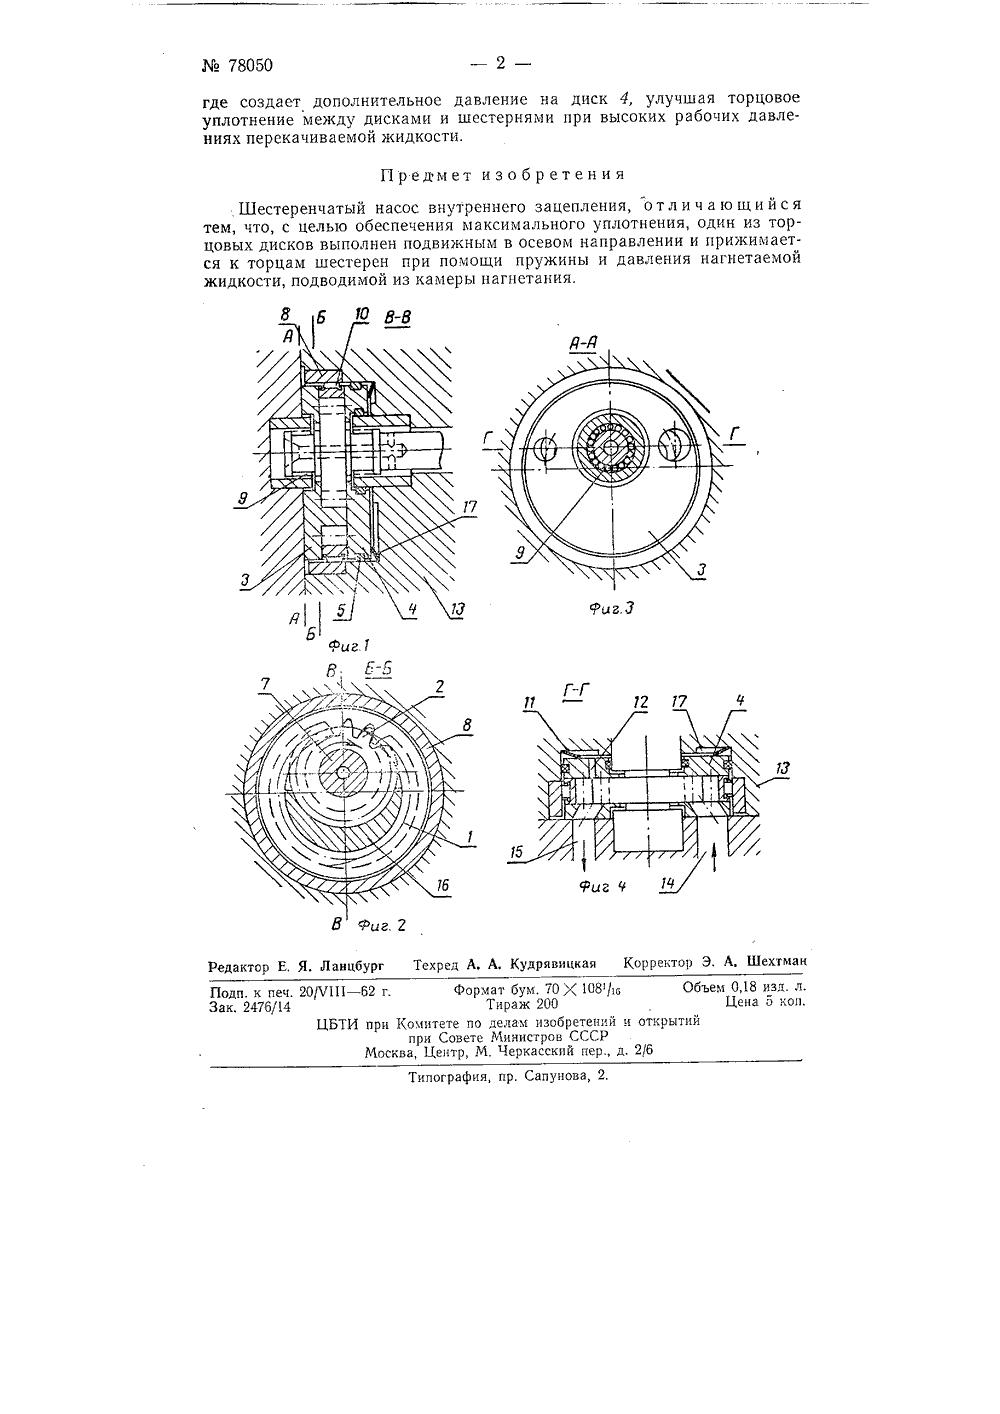 схема шестерённого насоса внутреннего зацепления